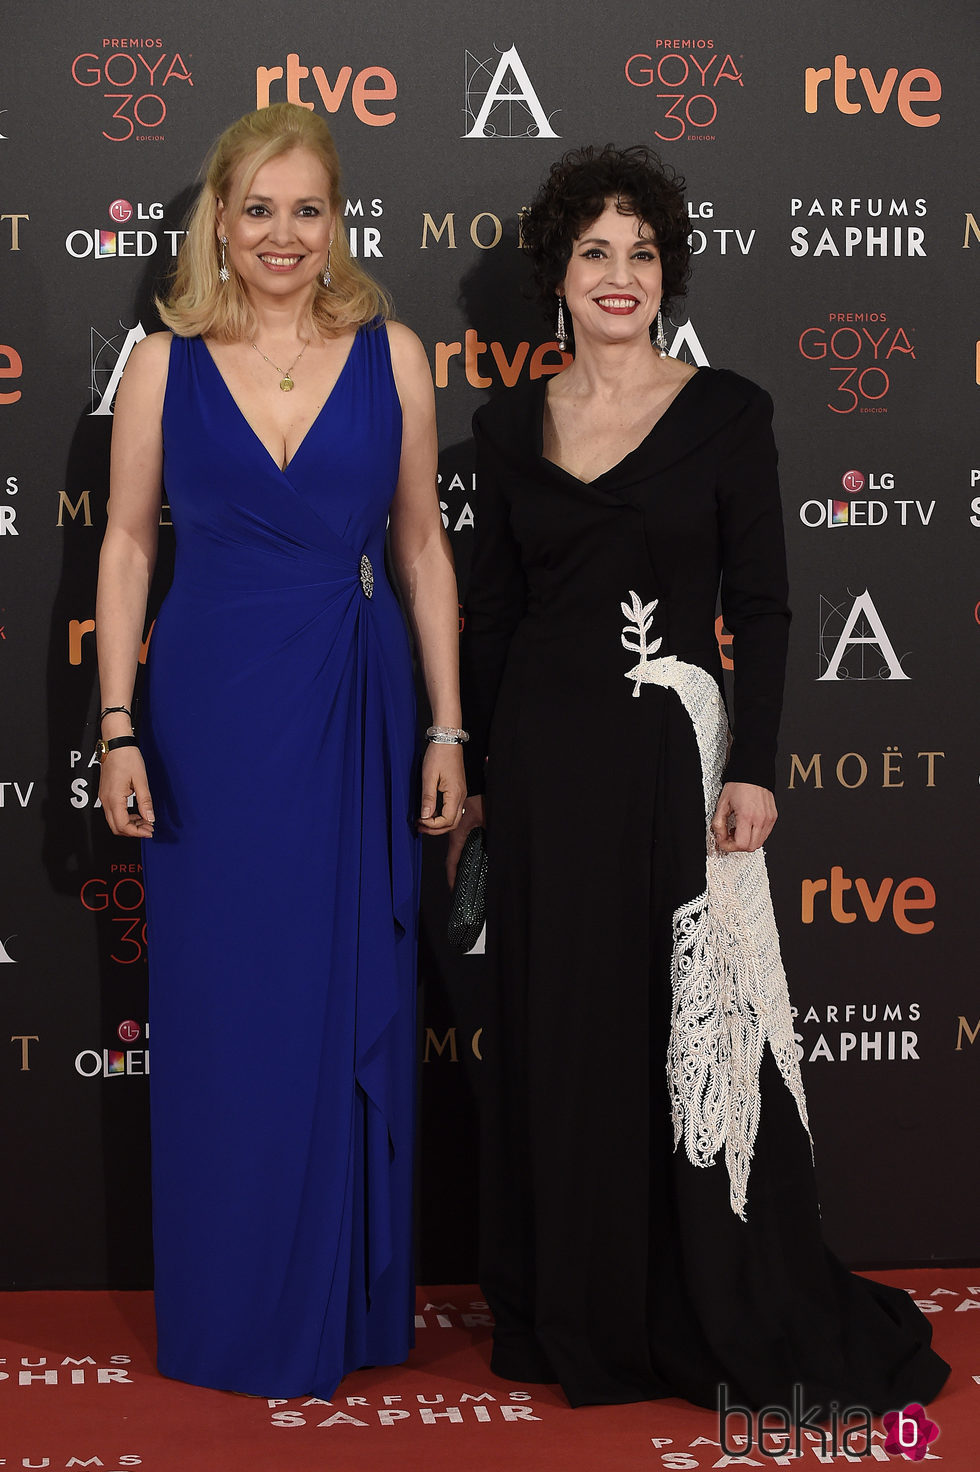 Emma y Adriana Ozores en la alfombra roja de los Premios Goya 2016